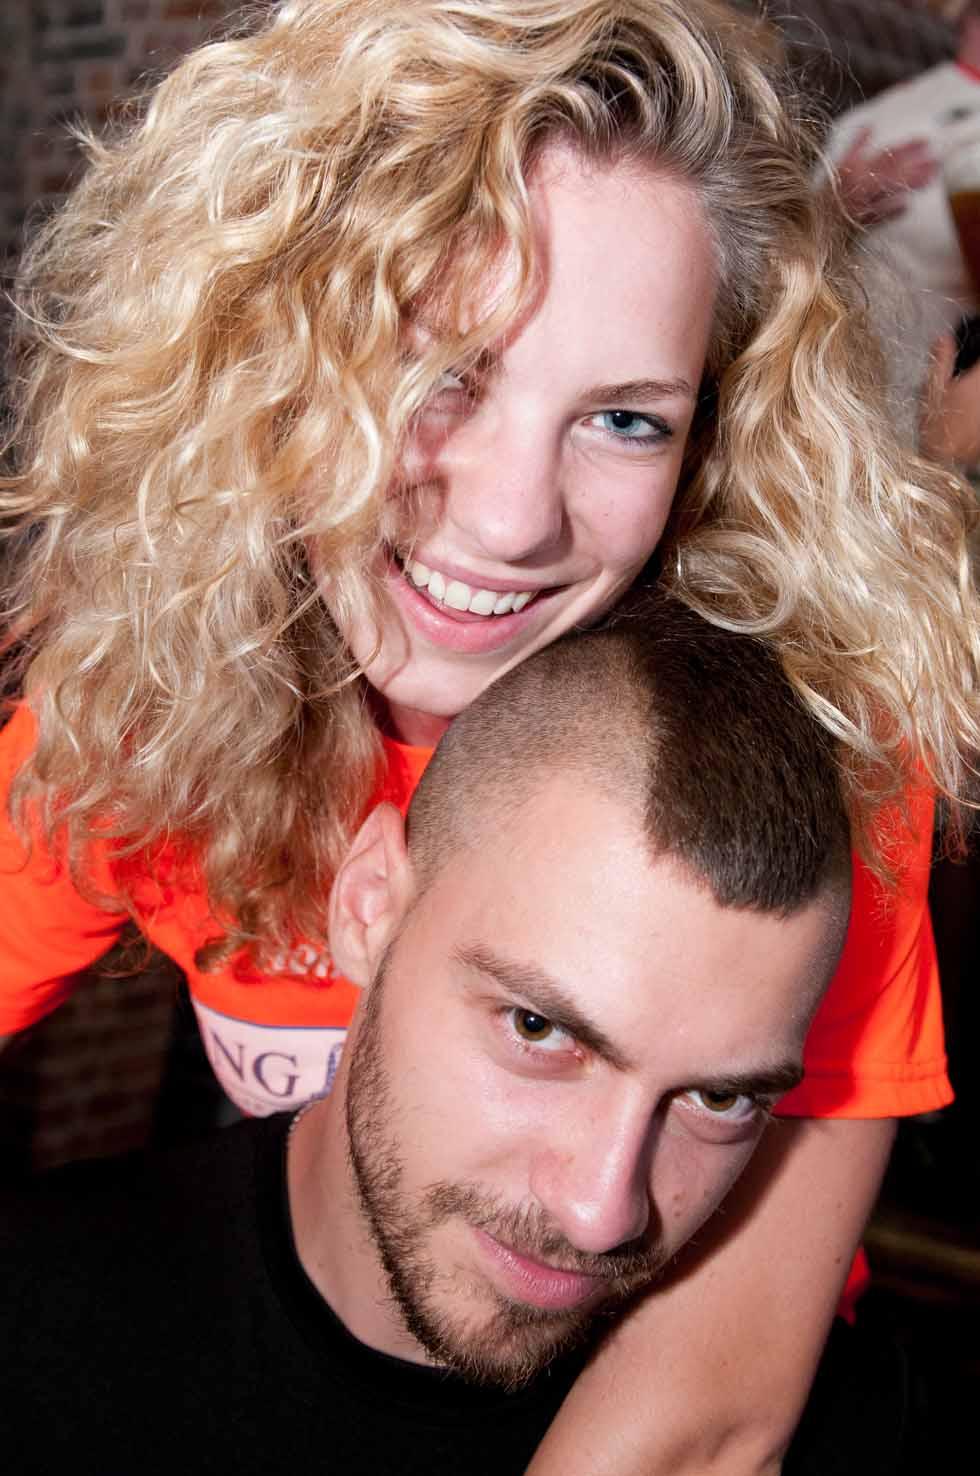 zum-schneider-nyc-2012-eurocup-germany-denmark-1804.jpg